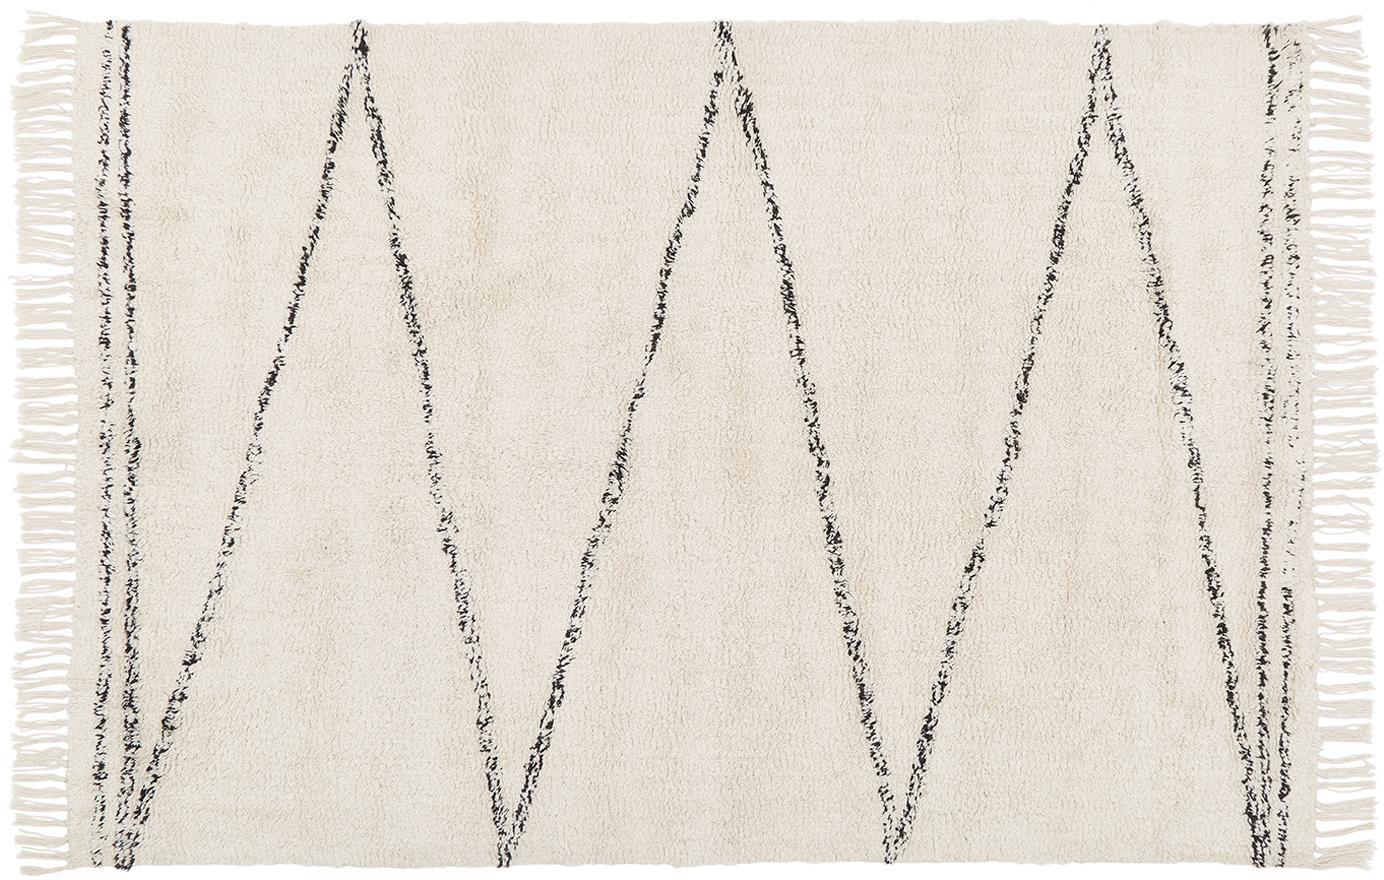 Handgetufteter Baumwollteppich Asisa mit Zickzack-Muster, Beige, Schwarz, B 120 x L 180 cm (Grösse S)